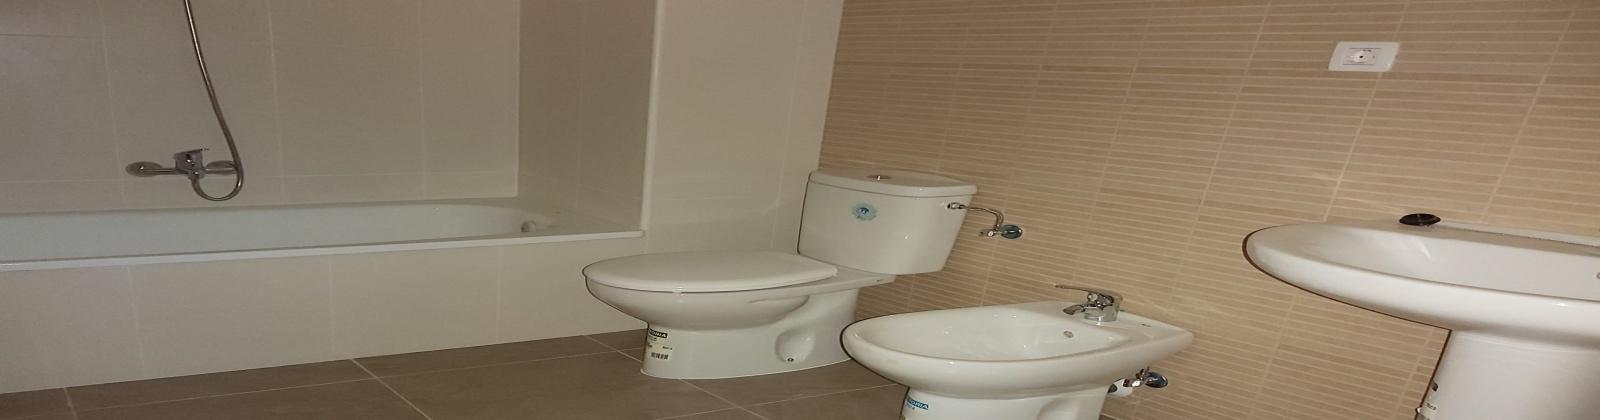 baño 2 Alcañiz